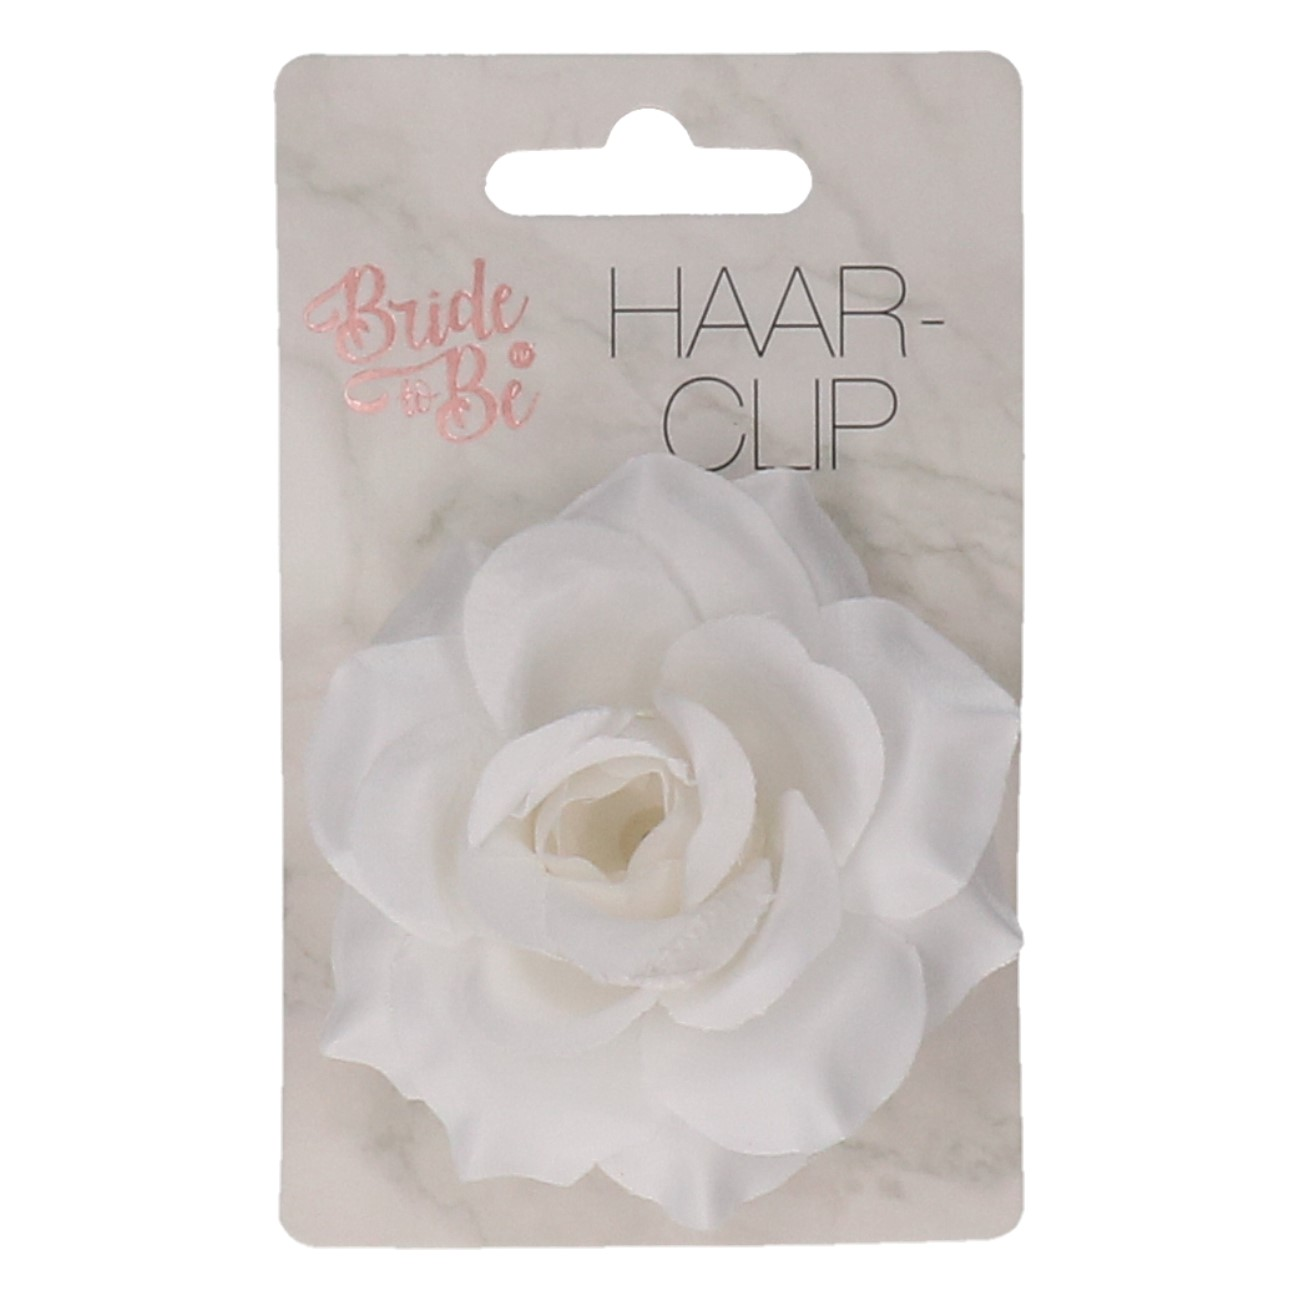 Haarclip bride to be